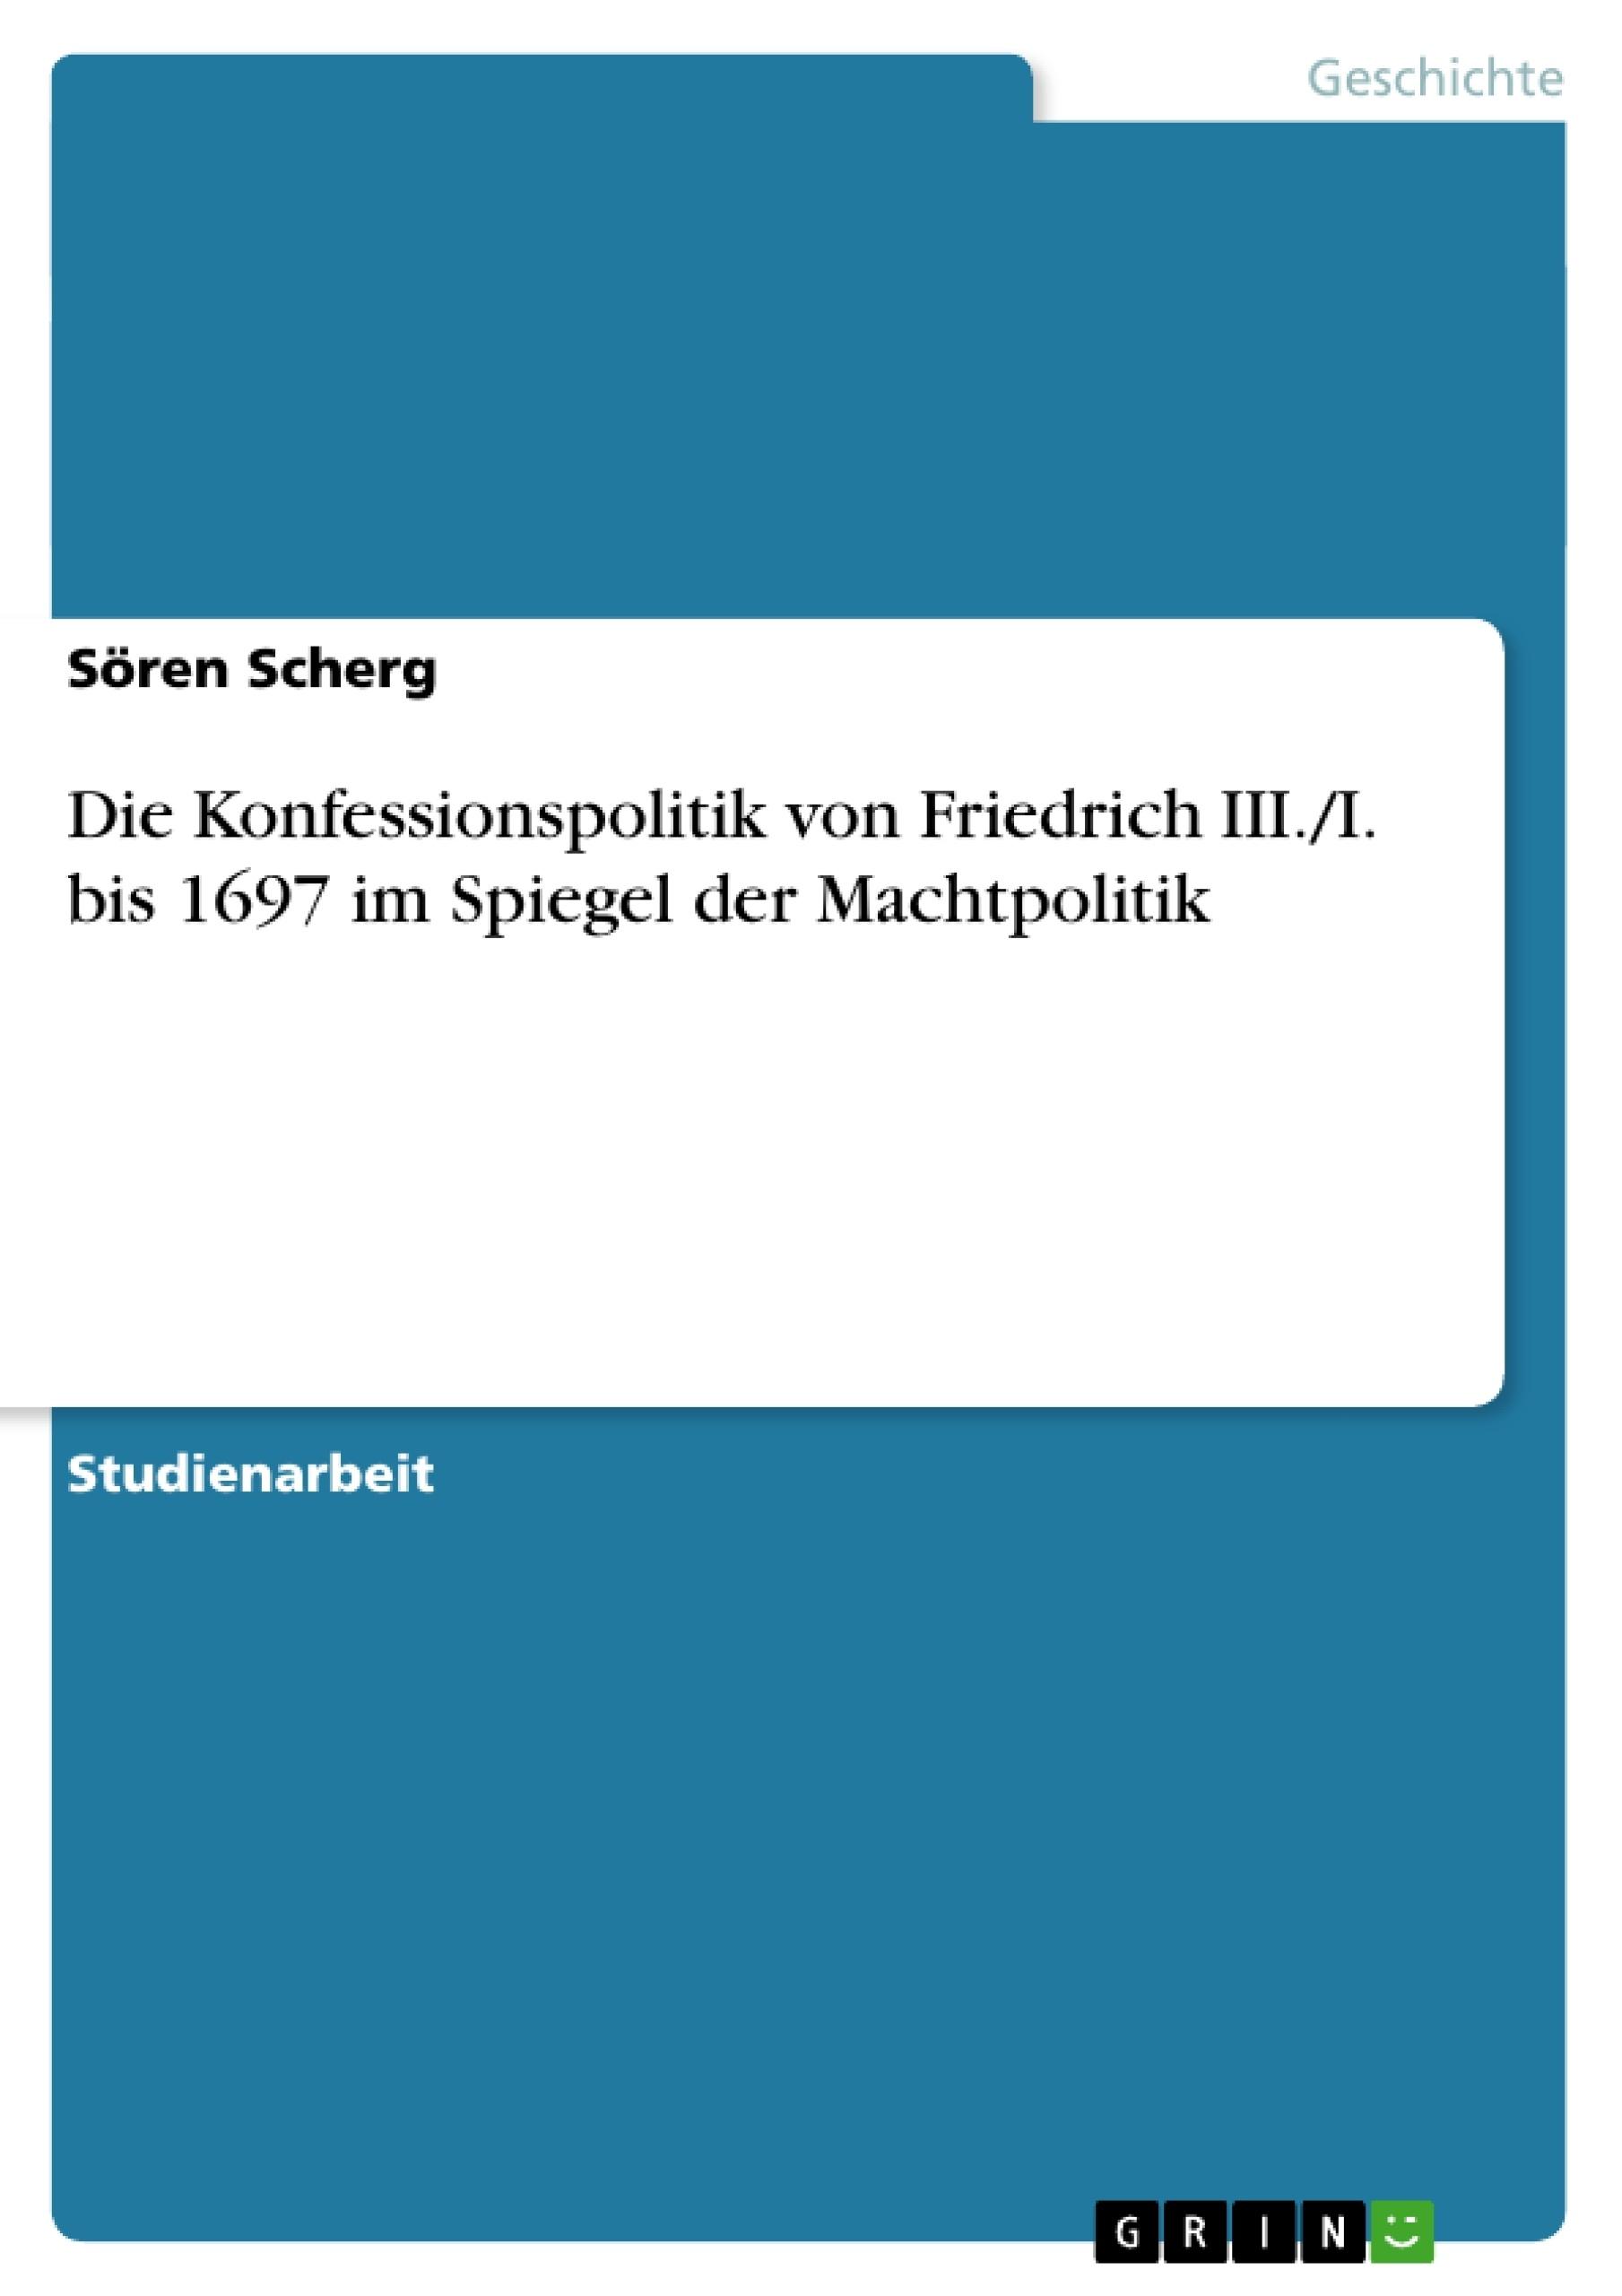 Titel: Die Konfessionspolitik von Friedrich III./I. bis 1697 im Spiegel der Machtpolitik